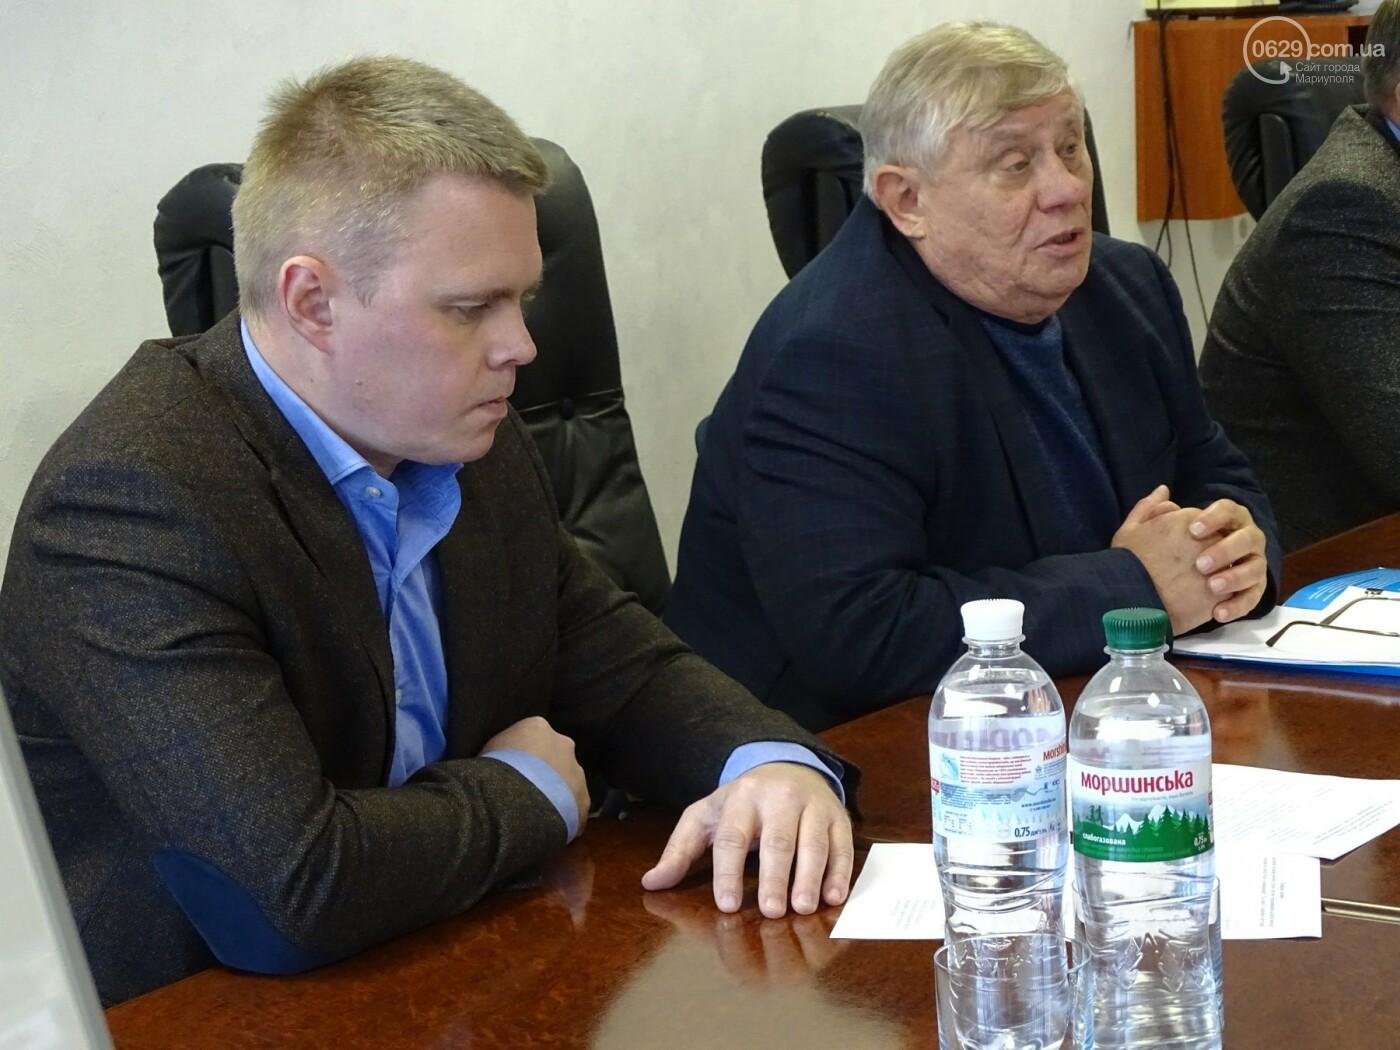 Организованные банды, сокращение персонала в 18 раз и российские кредиторы. Как «Азовмаш»  борется за жизнь, и кто ему мешает, фото-1